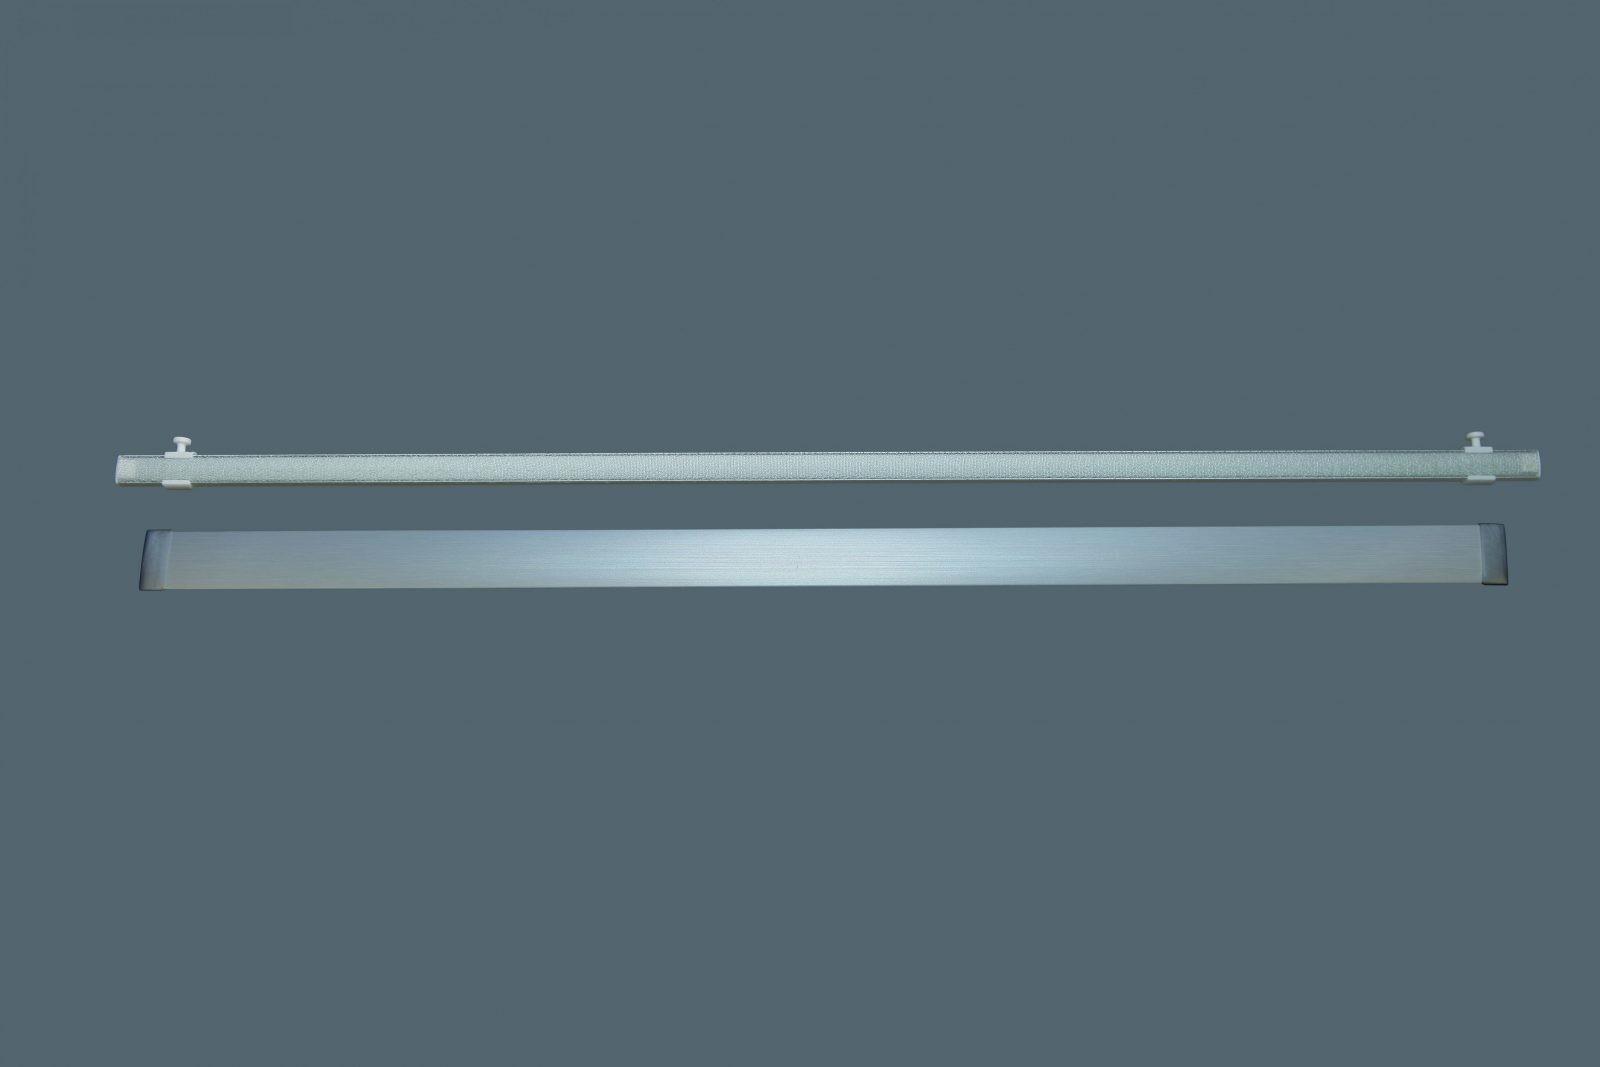 Flächenvorhangschiene Aluminium 12Läufig  Bis 6Lfm Am Stück von Gardinenschiene 1 Läufig Deckenmontage Photo